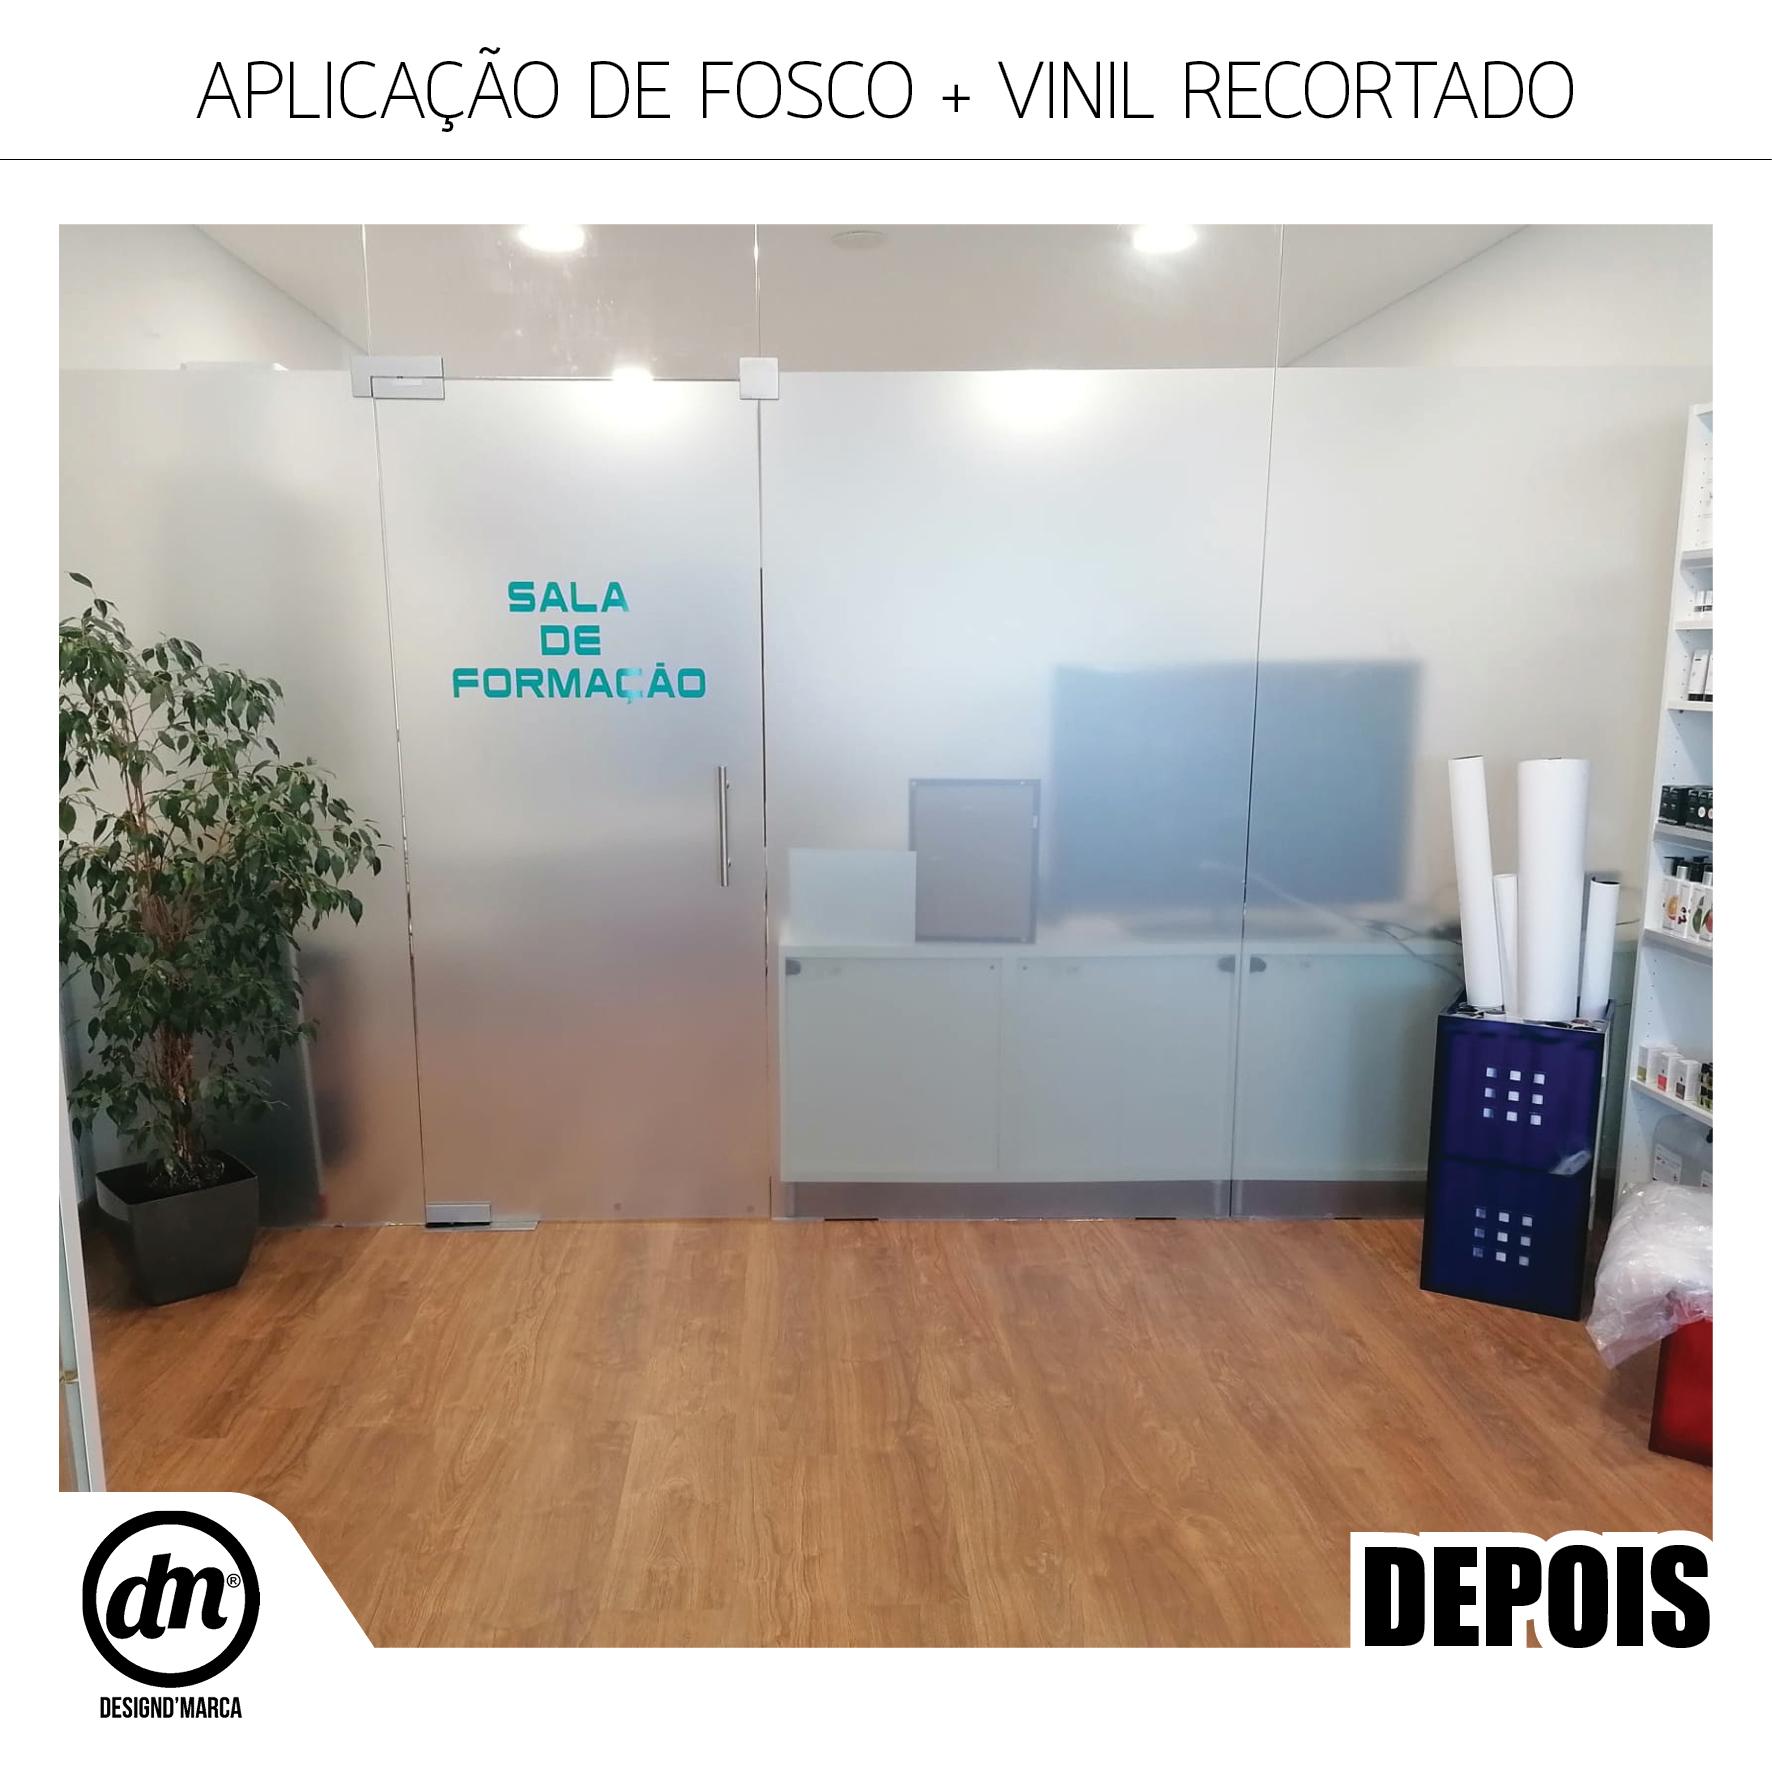 APLICAÇÃO DE FOSCO EM PORTAS DE VIDRO